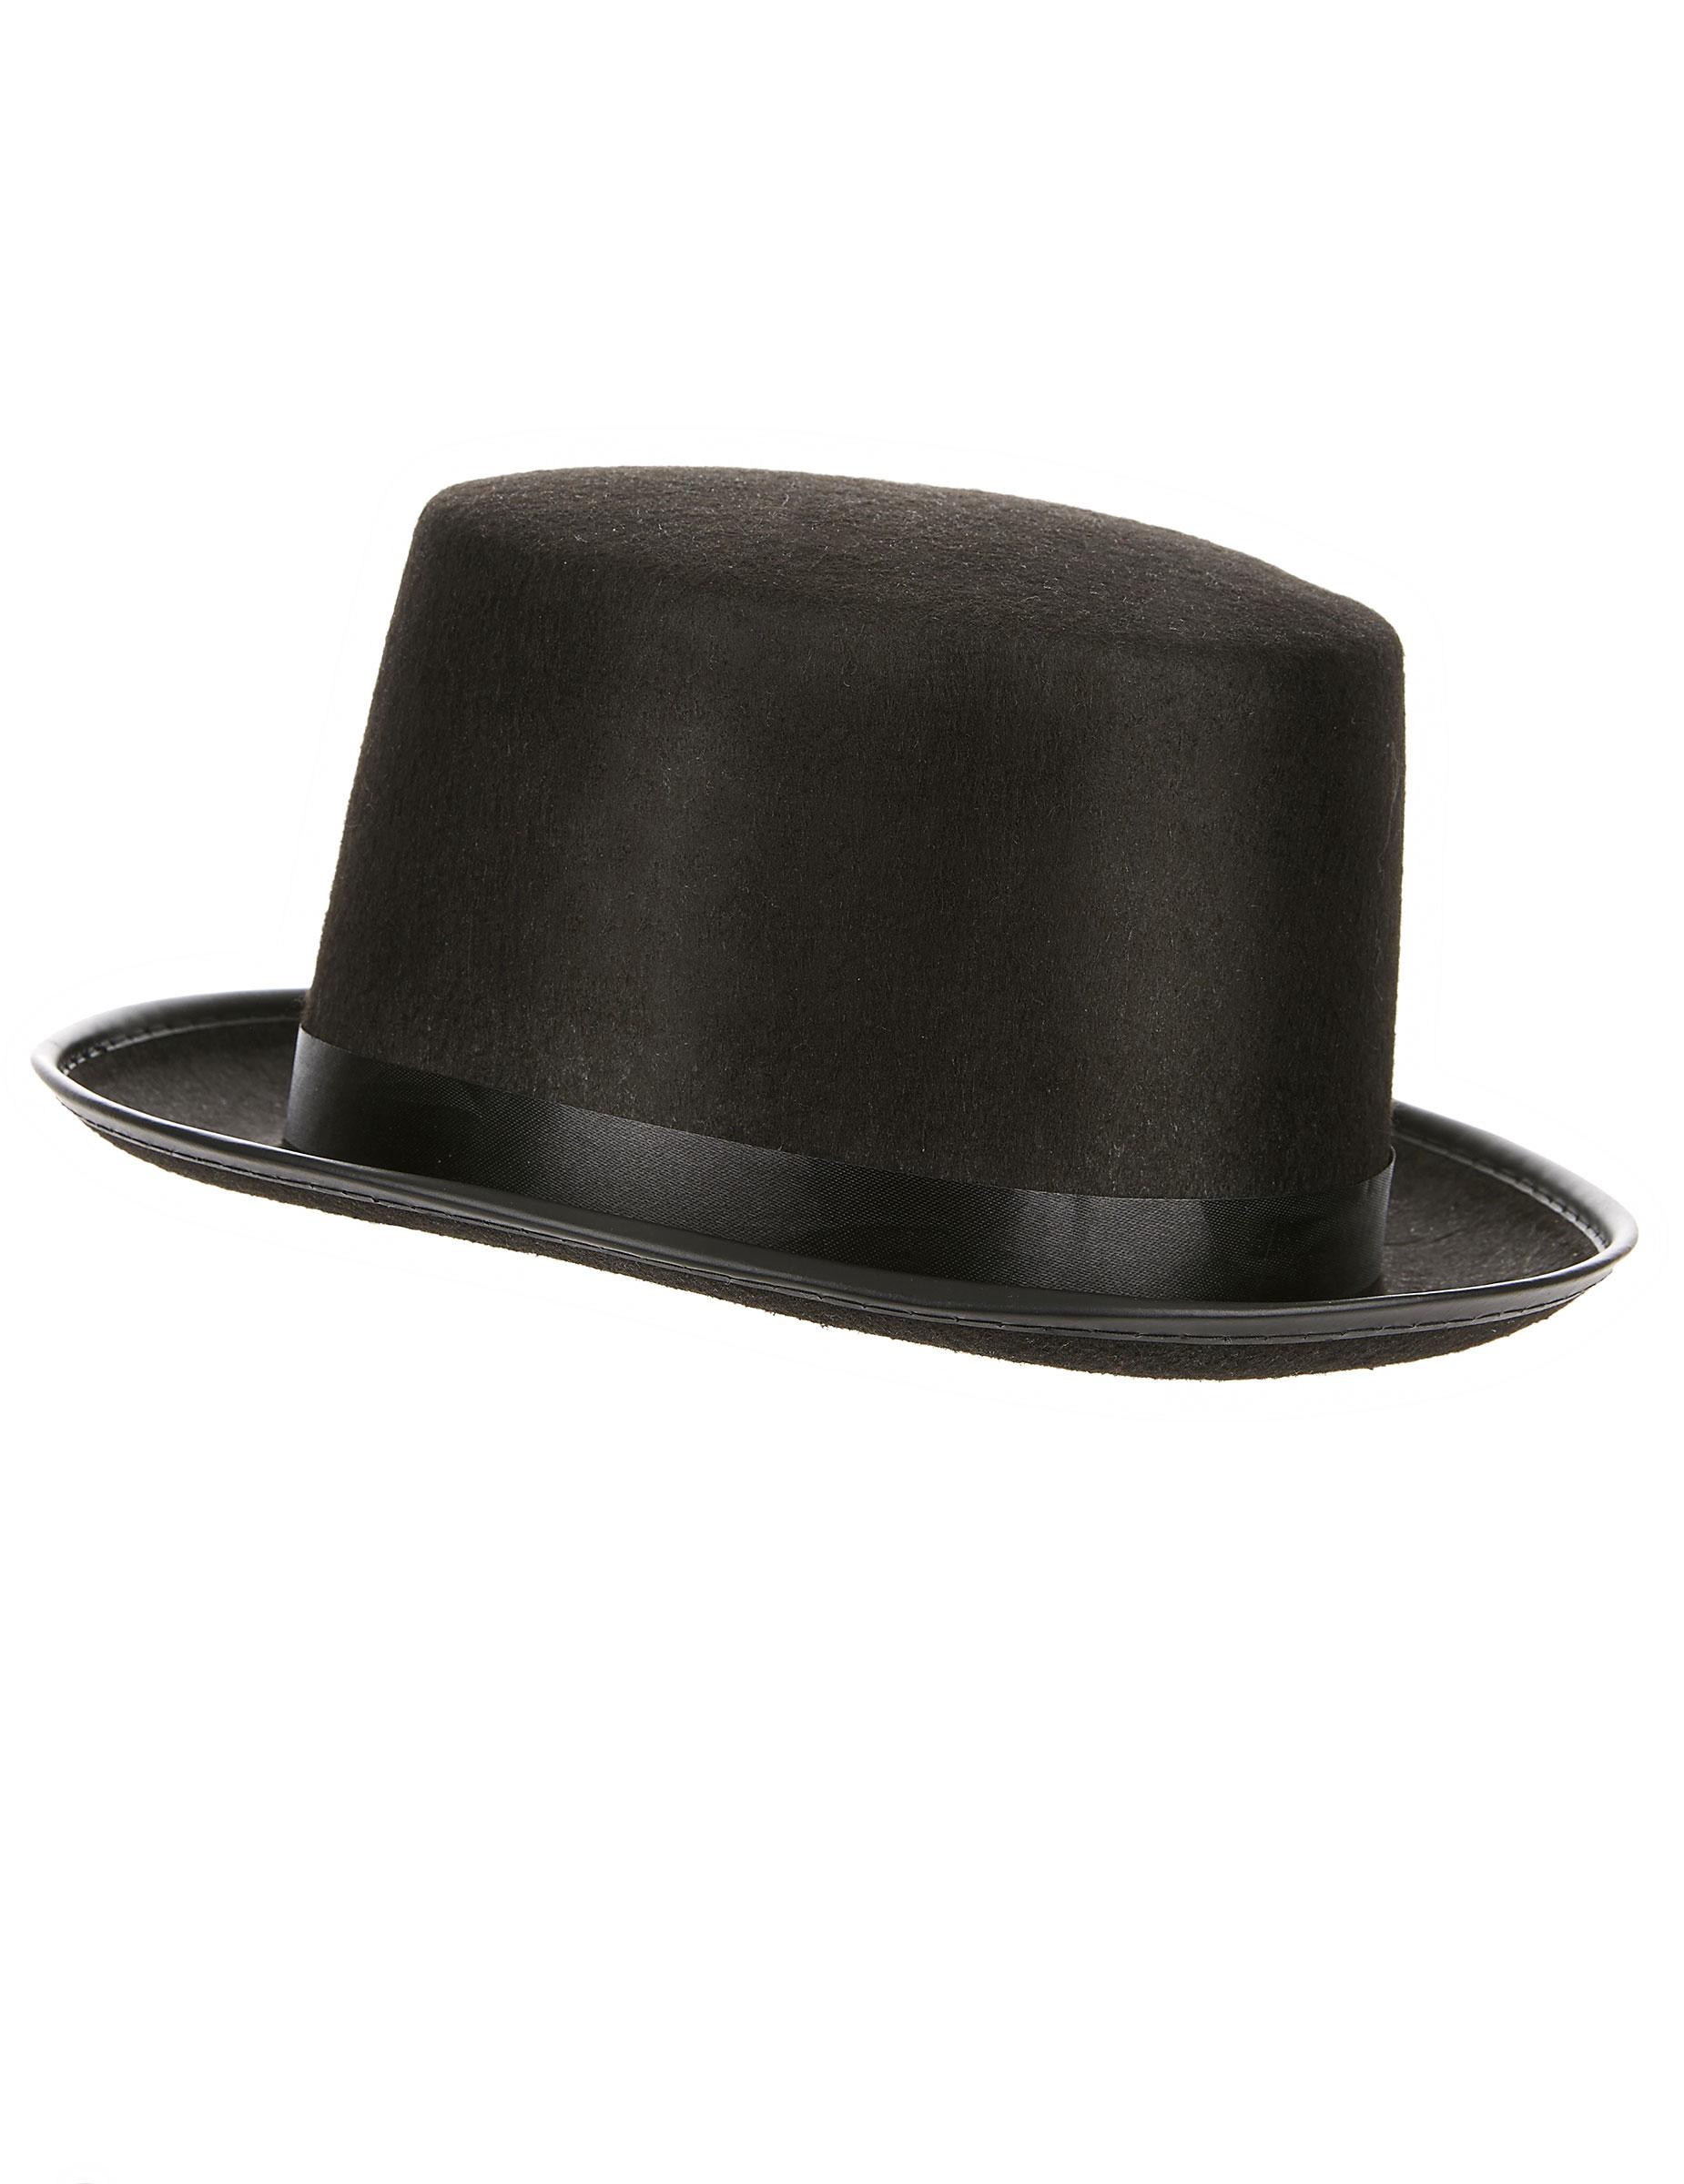 shop super popolare vendita più economica Cappello cilindro nero adulto